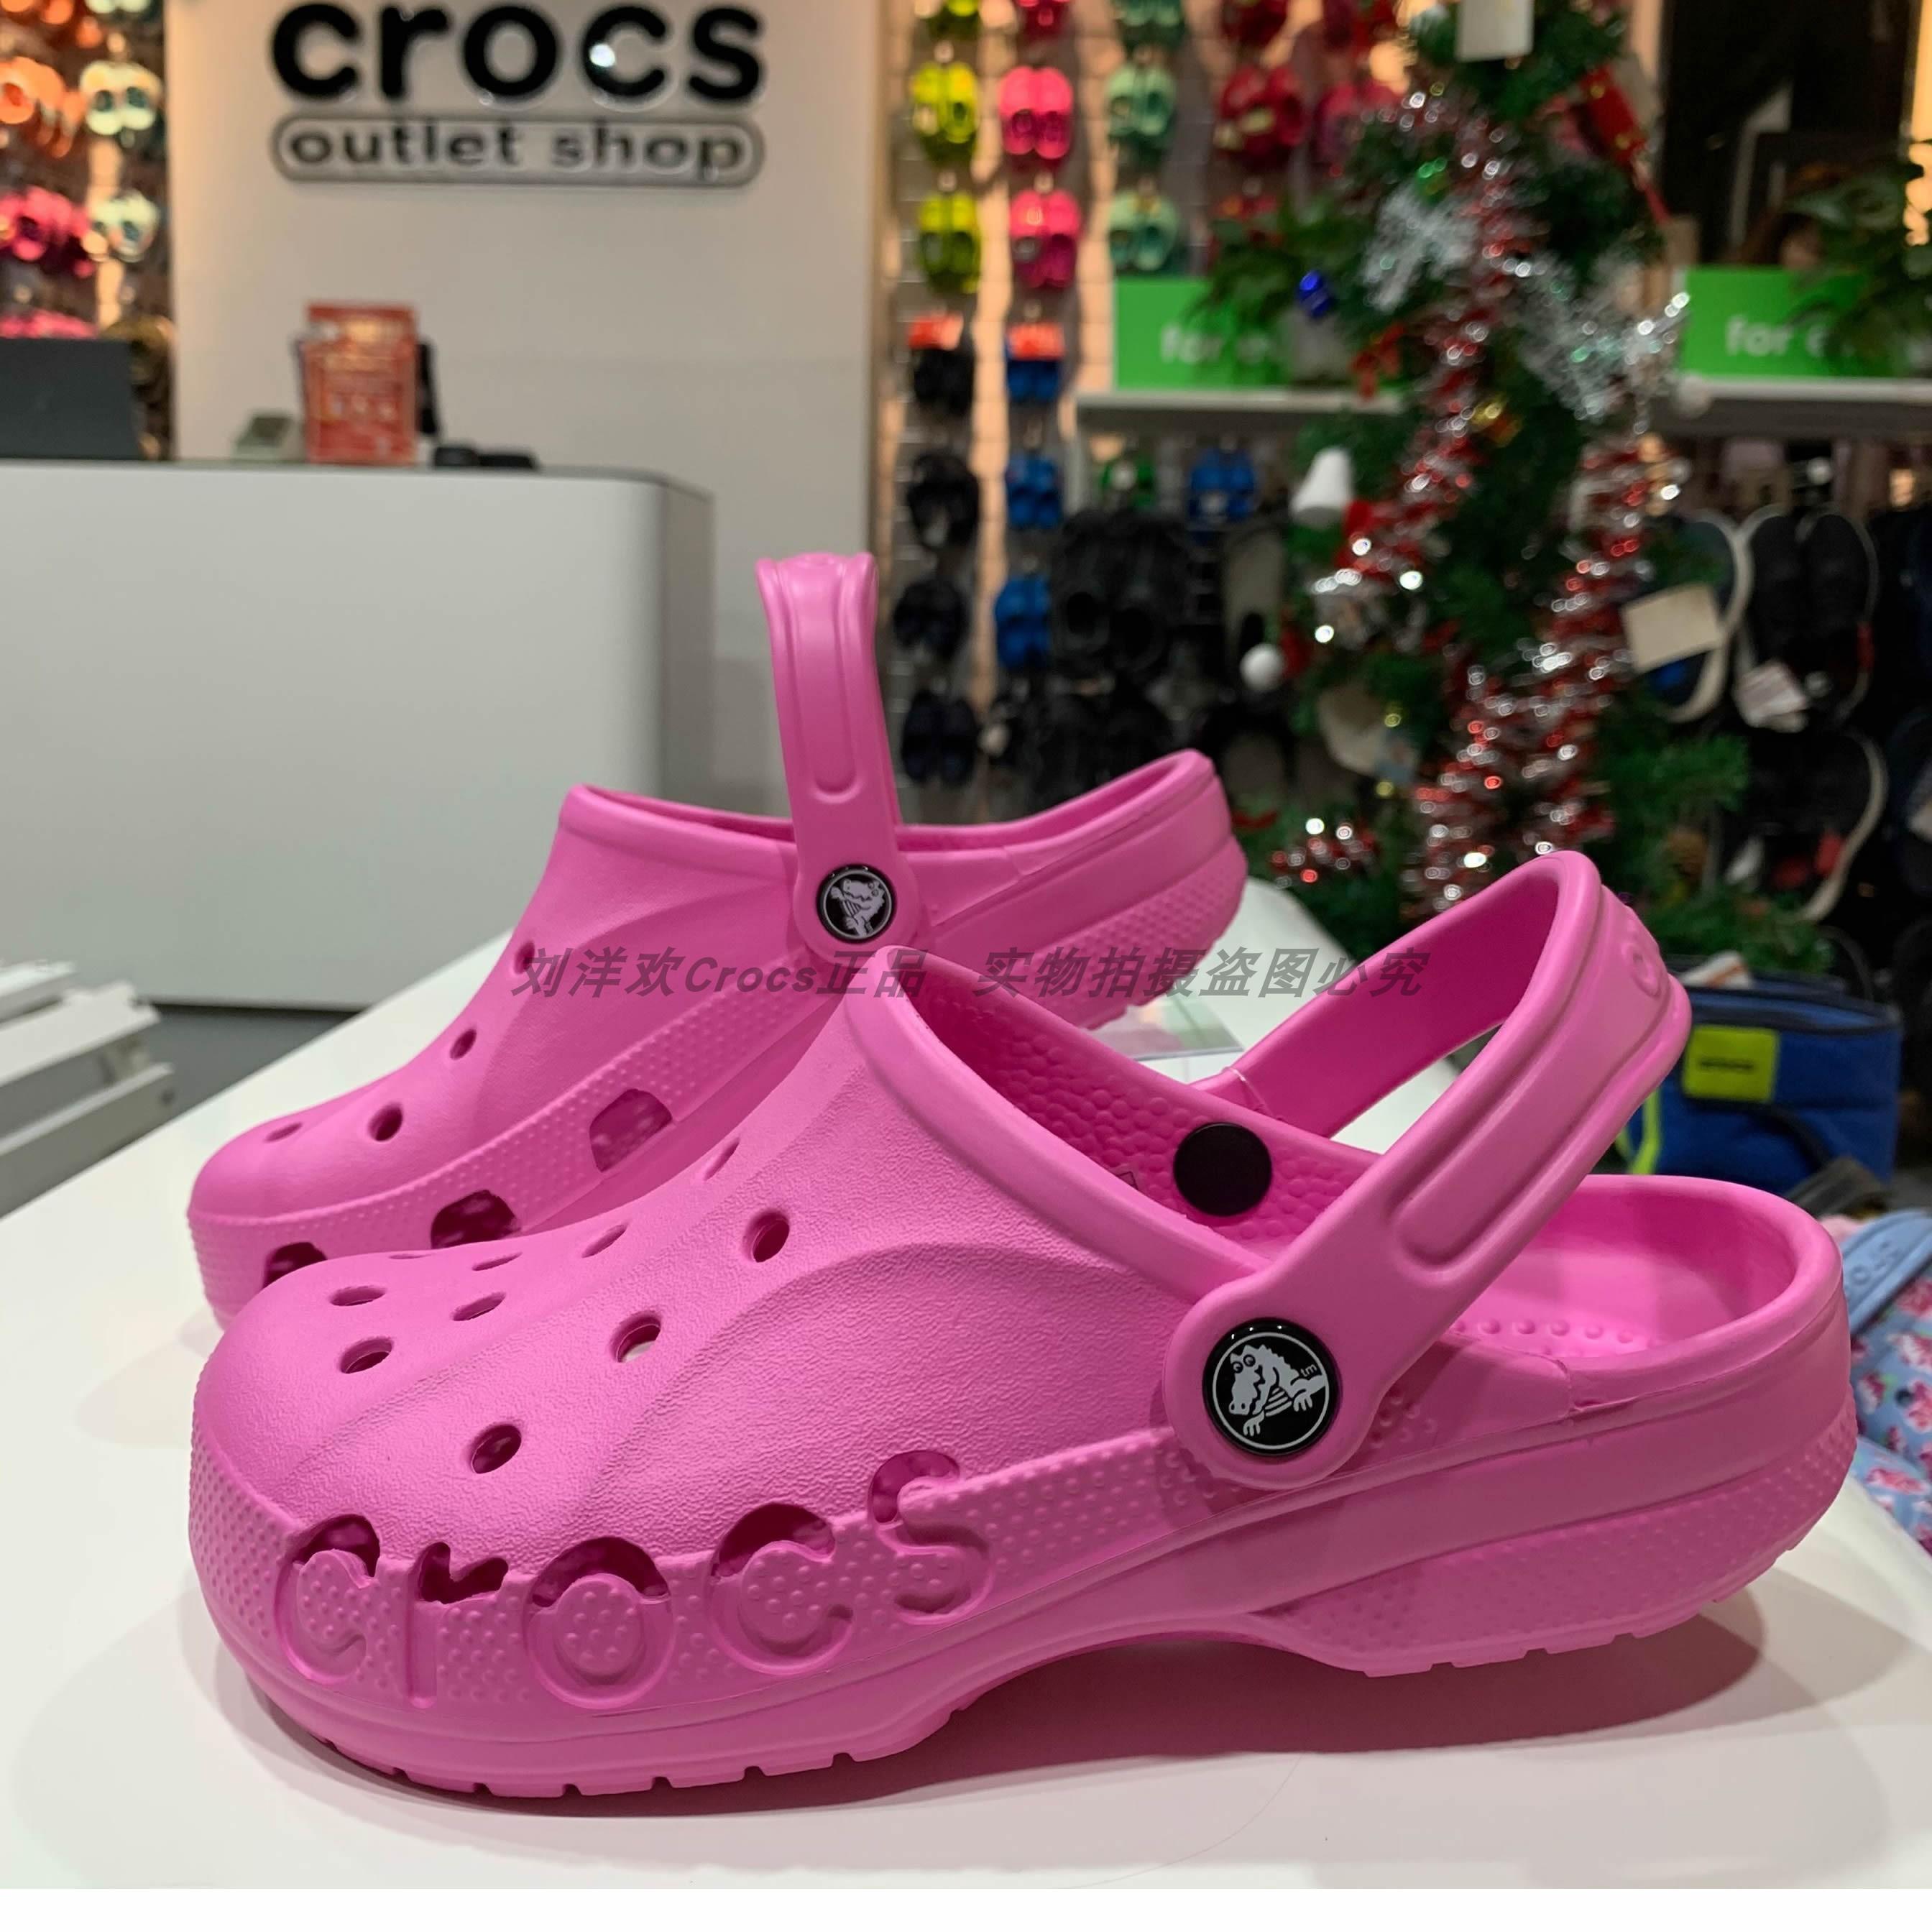 男鞋防滑凉鞋  10126 防滑拖鞋沙滩鞋 Crocs 洞洞鞋 女鞋小白鞋休闲